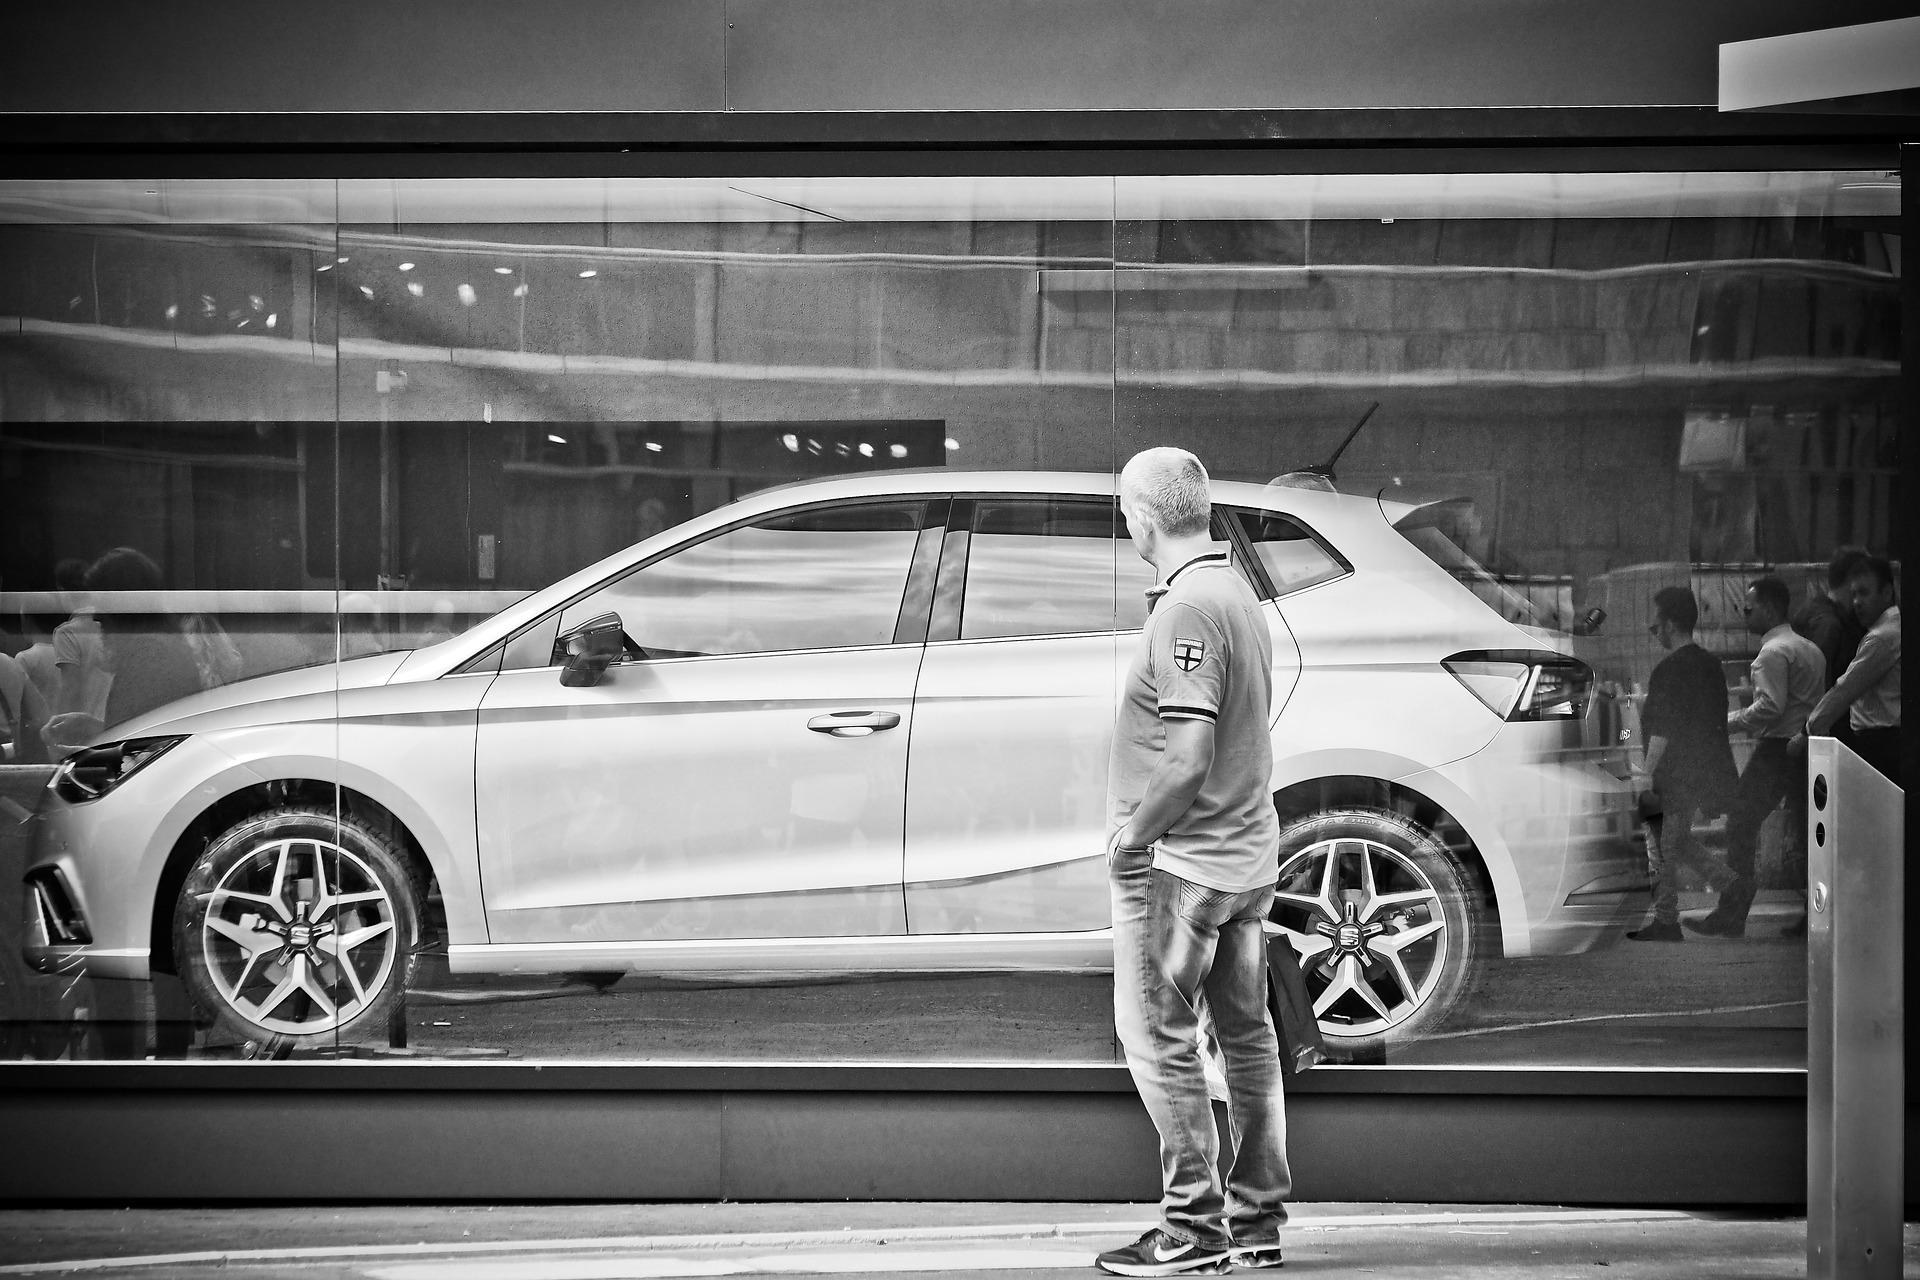 Conseils_pour_l_achat_d_une_voiture___4_façons_de_se_préparer_aux_vendeurs_de_voitures